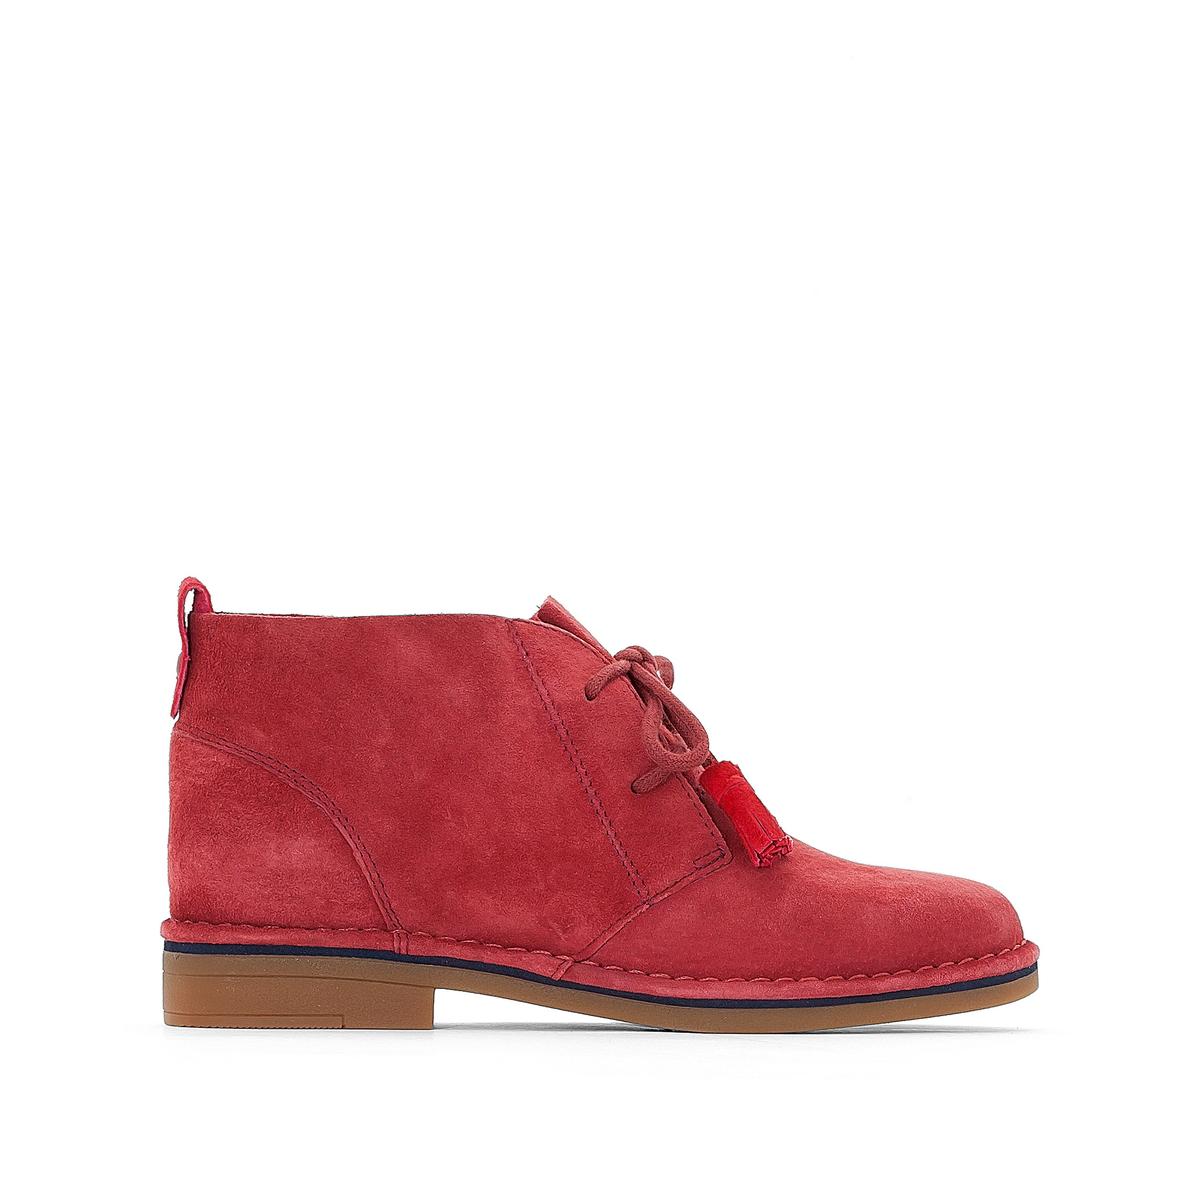 Ботинки из кожи Cyra CatelynВерх/Голенище: кожа.       Стелька: кожа.      Подошва: каучук.Высота каблука: 2 см.      Форма каблука: плоский каблук.Мысок: закругленный.Застежка: шнуровка.<br><br>Цвет: красный<br>Размер: 38.37